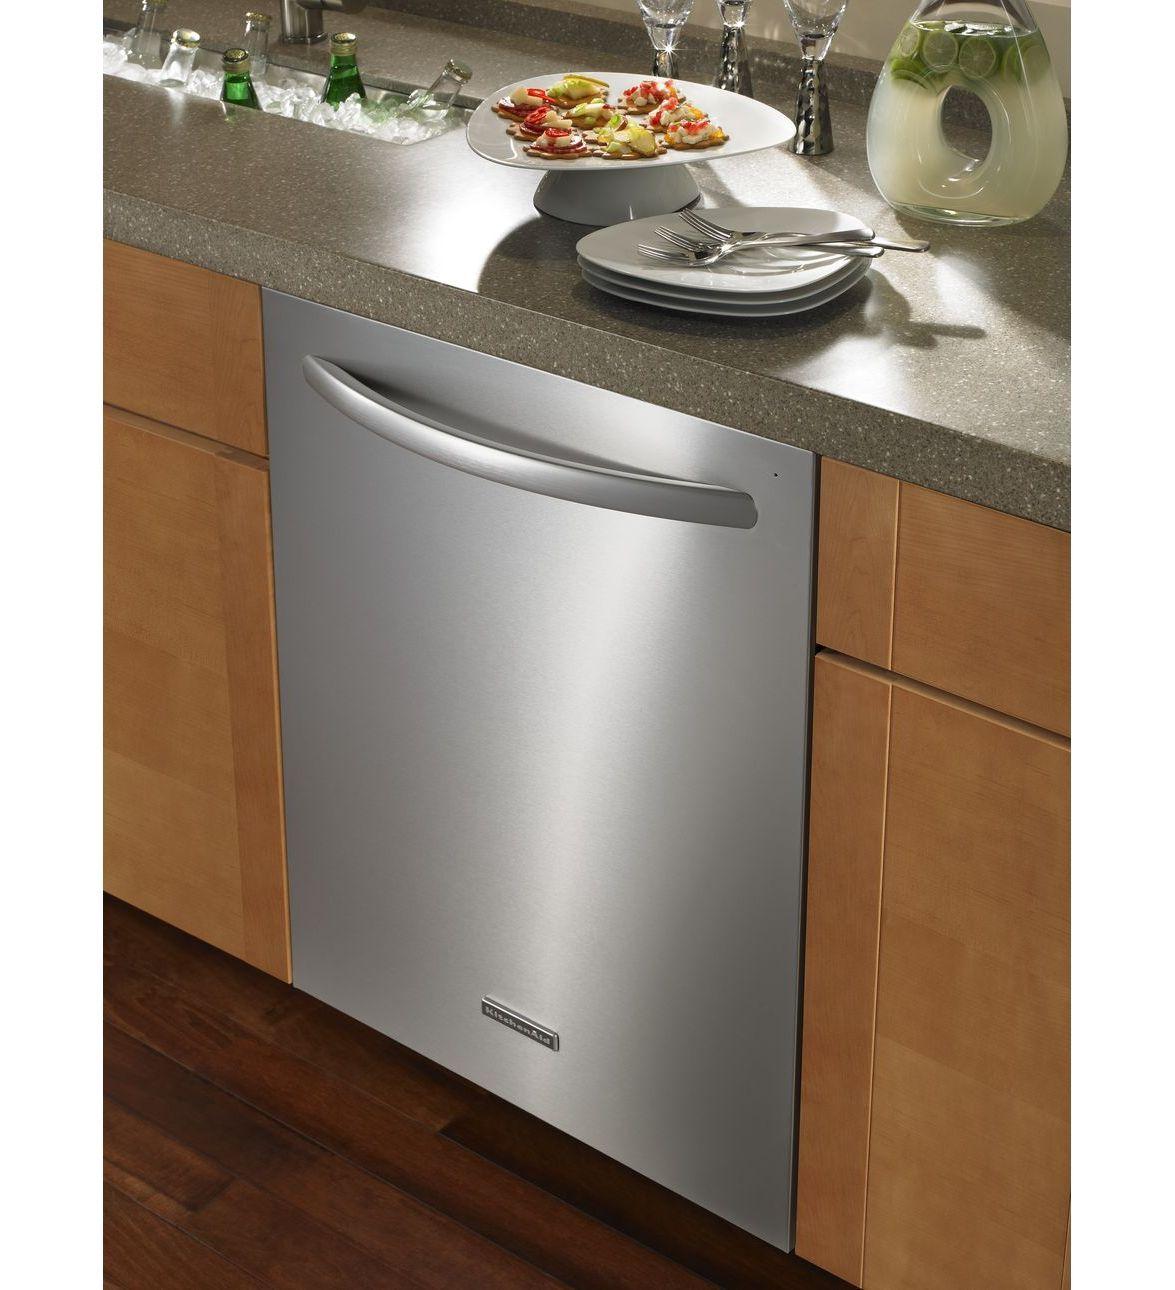 Dishwasher Style Outdoor Kitchen Appliances Kitchen Design Kitchen